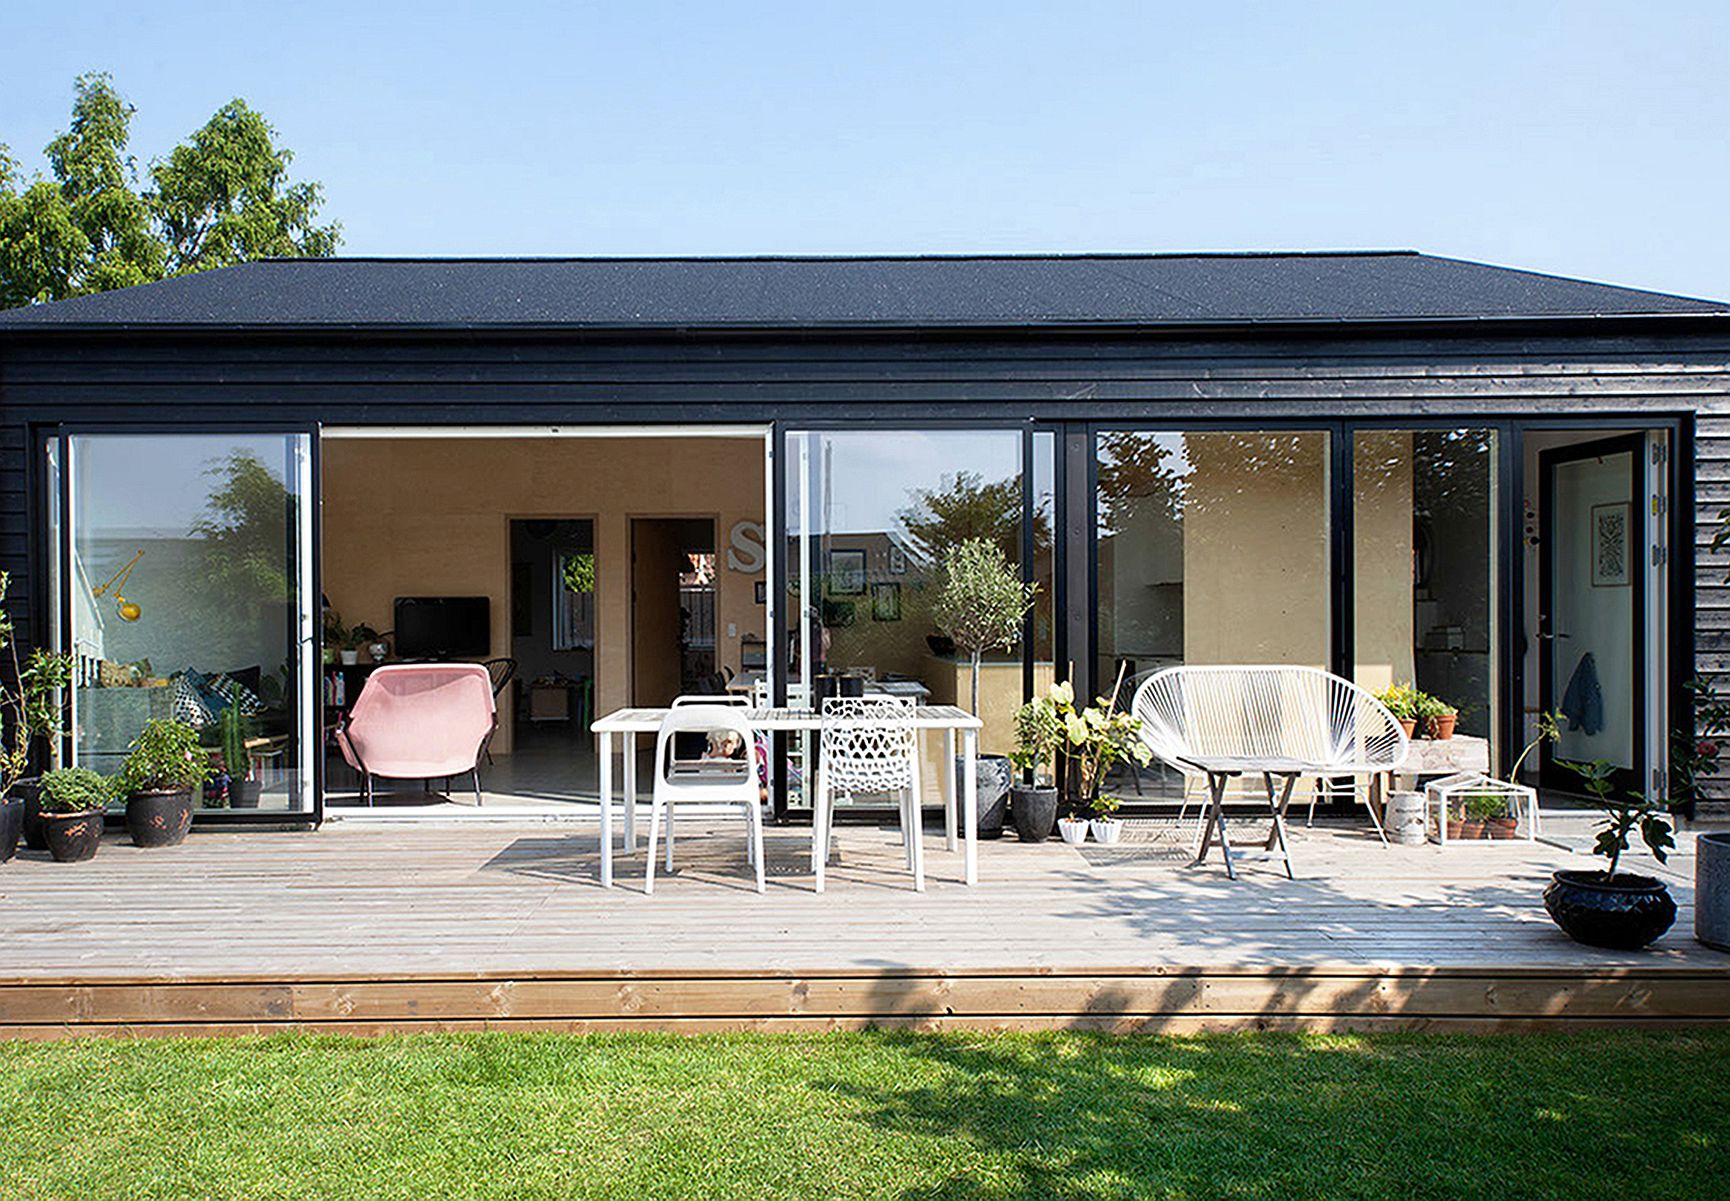 A small family house in Copenhagen | Sigurd Larsen | Small House Bliss